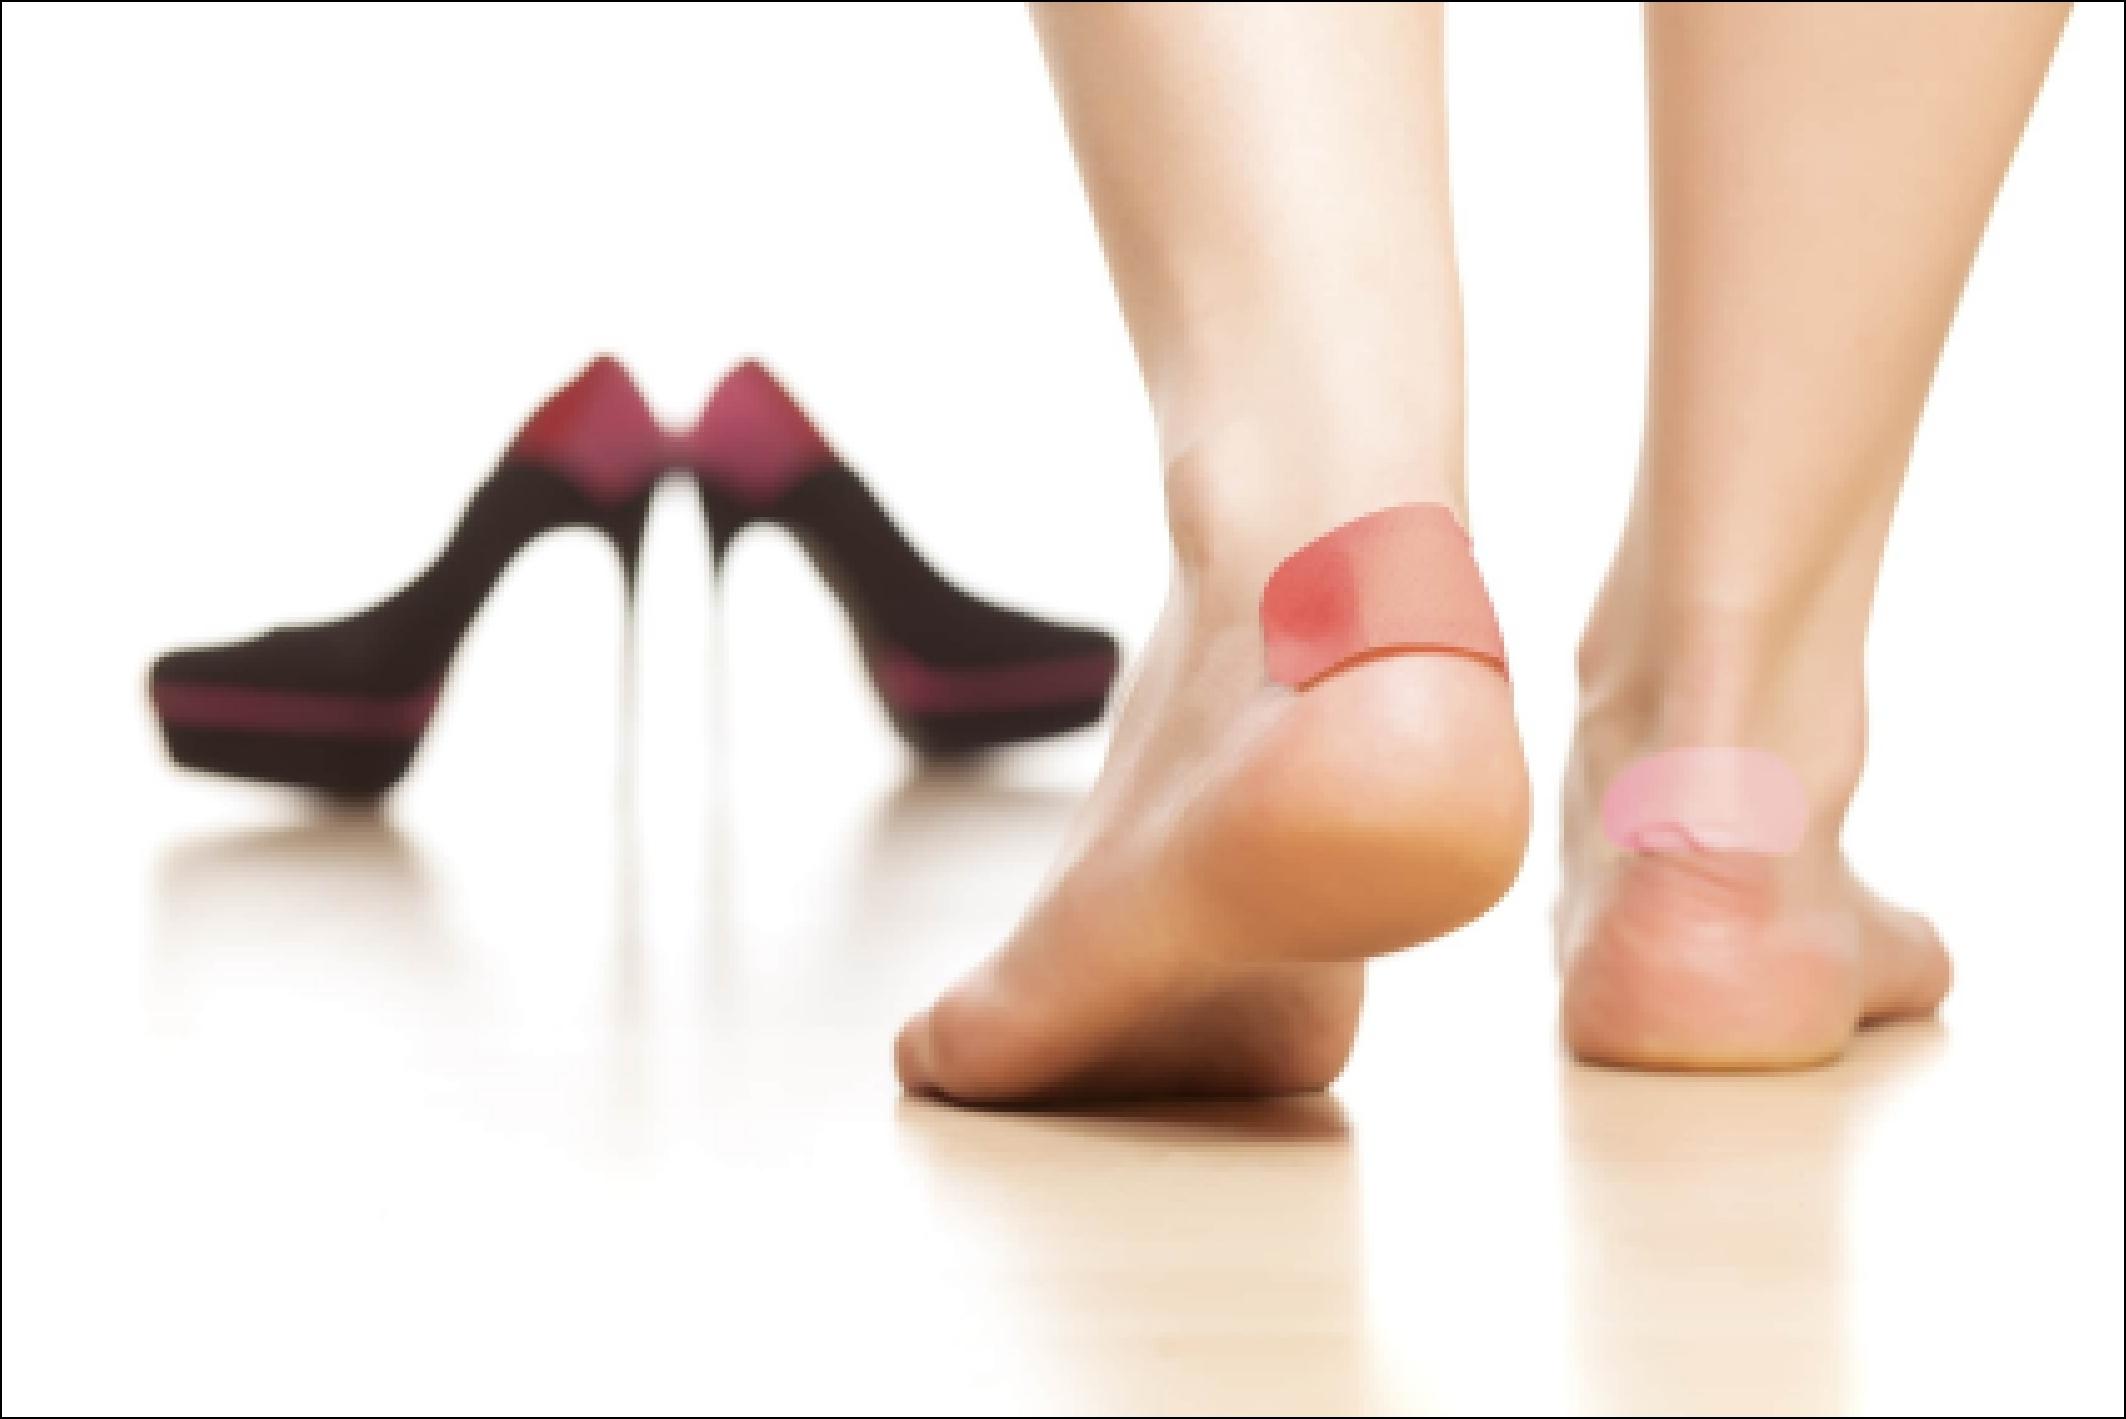 Нарост на суставе пальца руки и запястье лечение и удаление